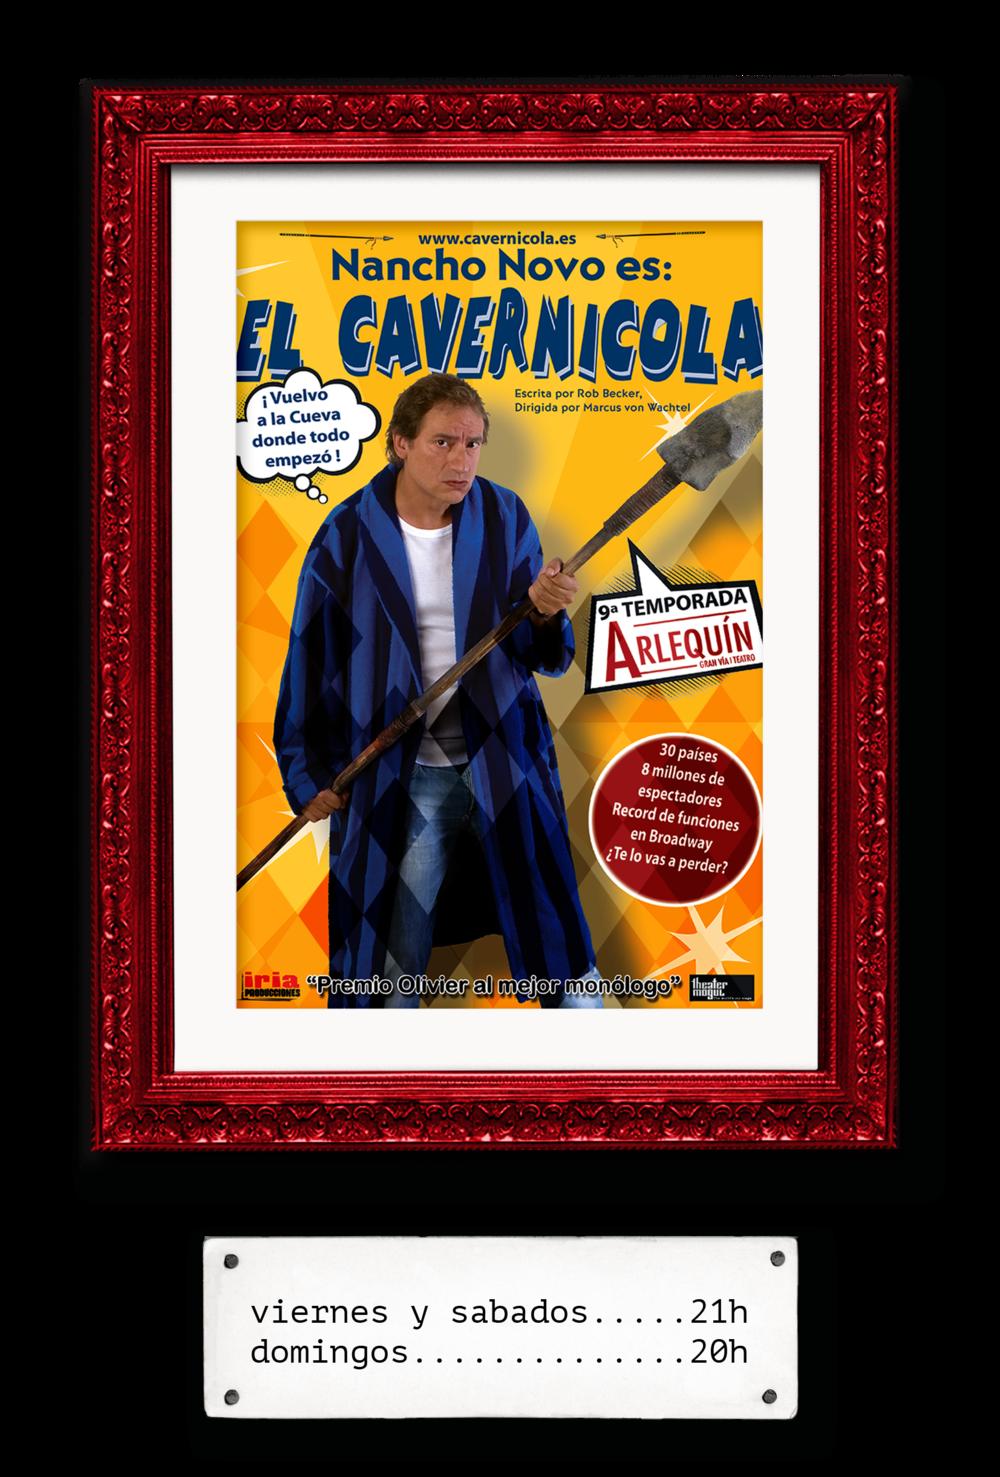 cuadro-cavernicola-monologo-broadway-nancho-novo-madrid-teatro-arlequin-gran-via-comprar-entradas.png